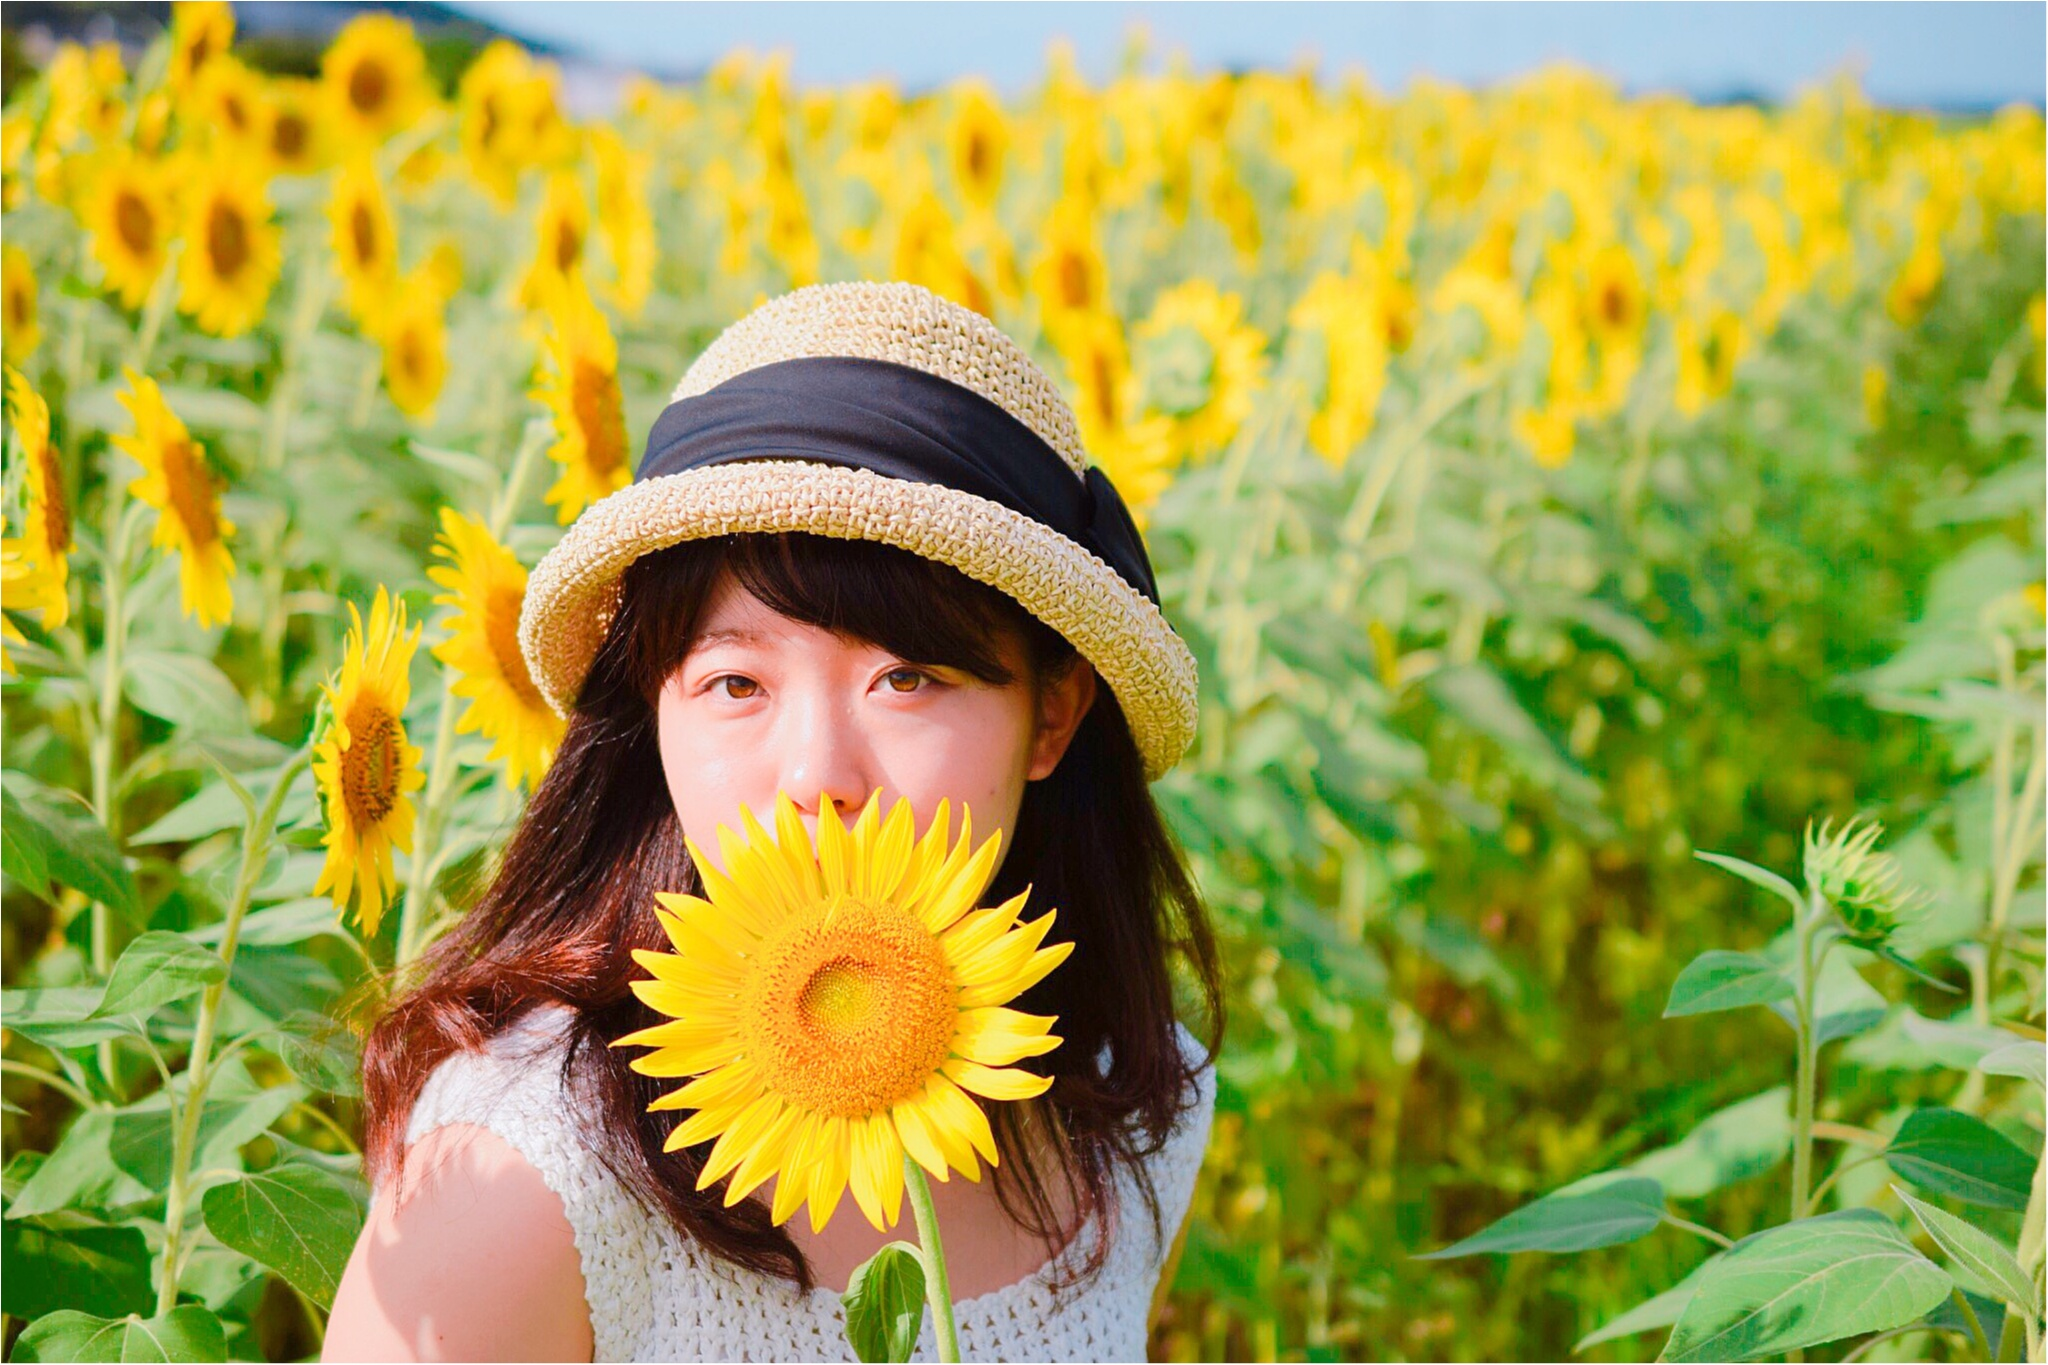 【ジェニ旅】東京ドーム2個分のひまわり畑!! 『益子ひまわり祭』で平成ラストサマーを全力で楽しむ♡_2